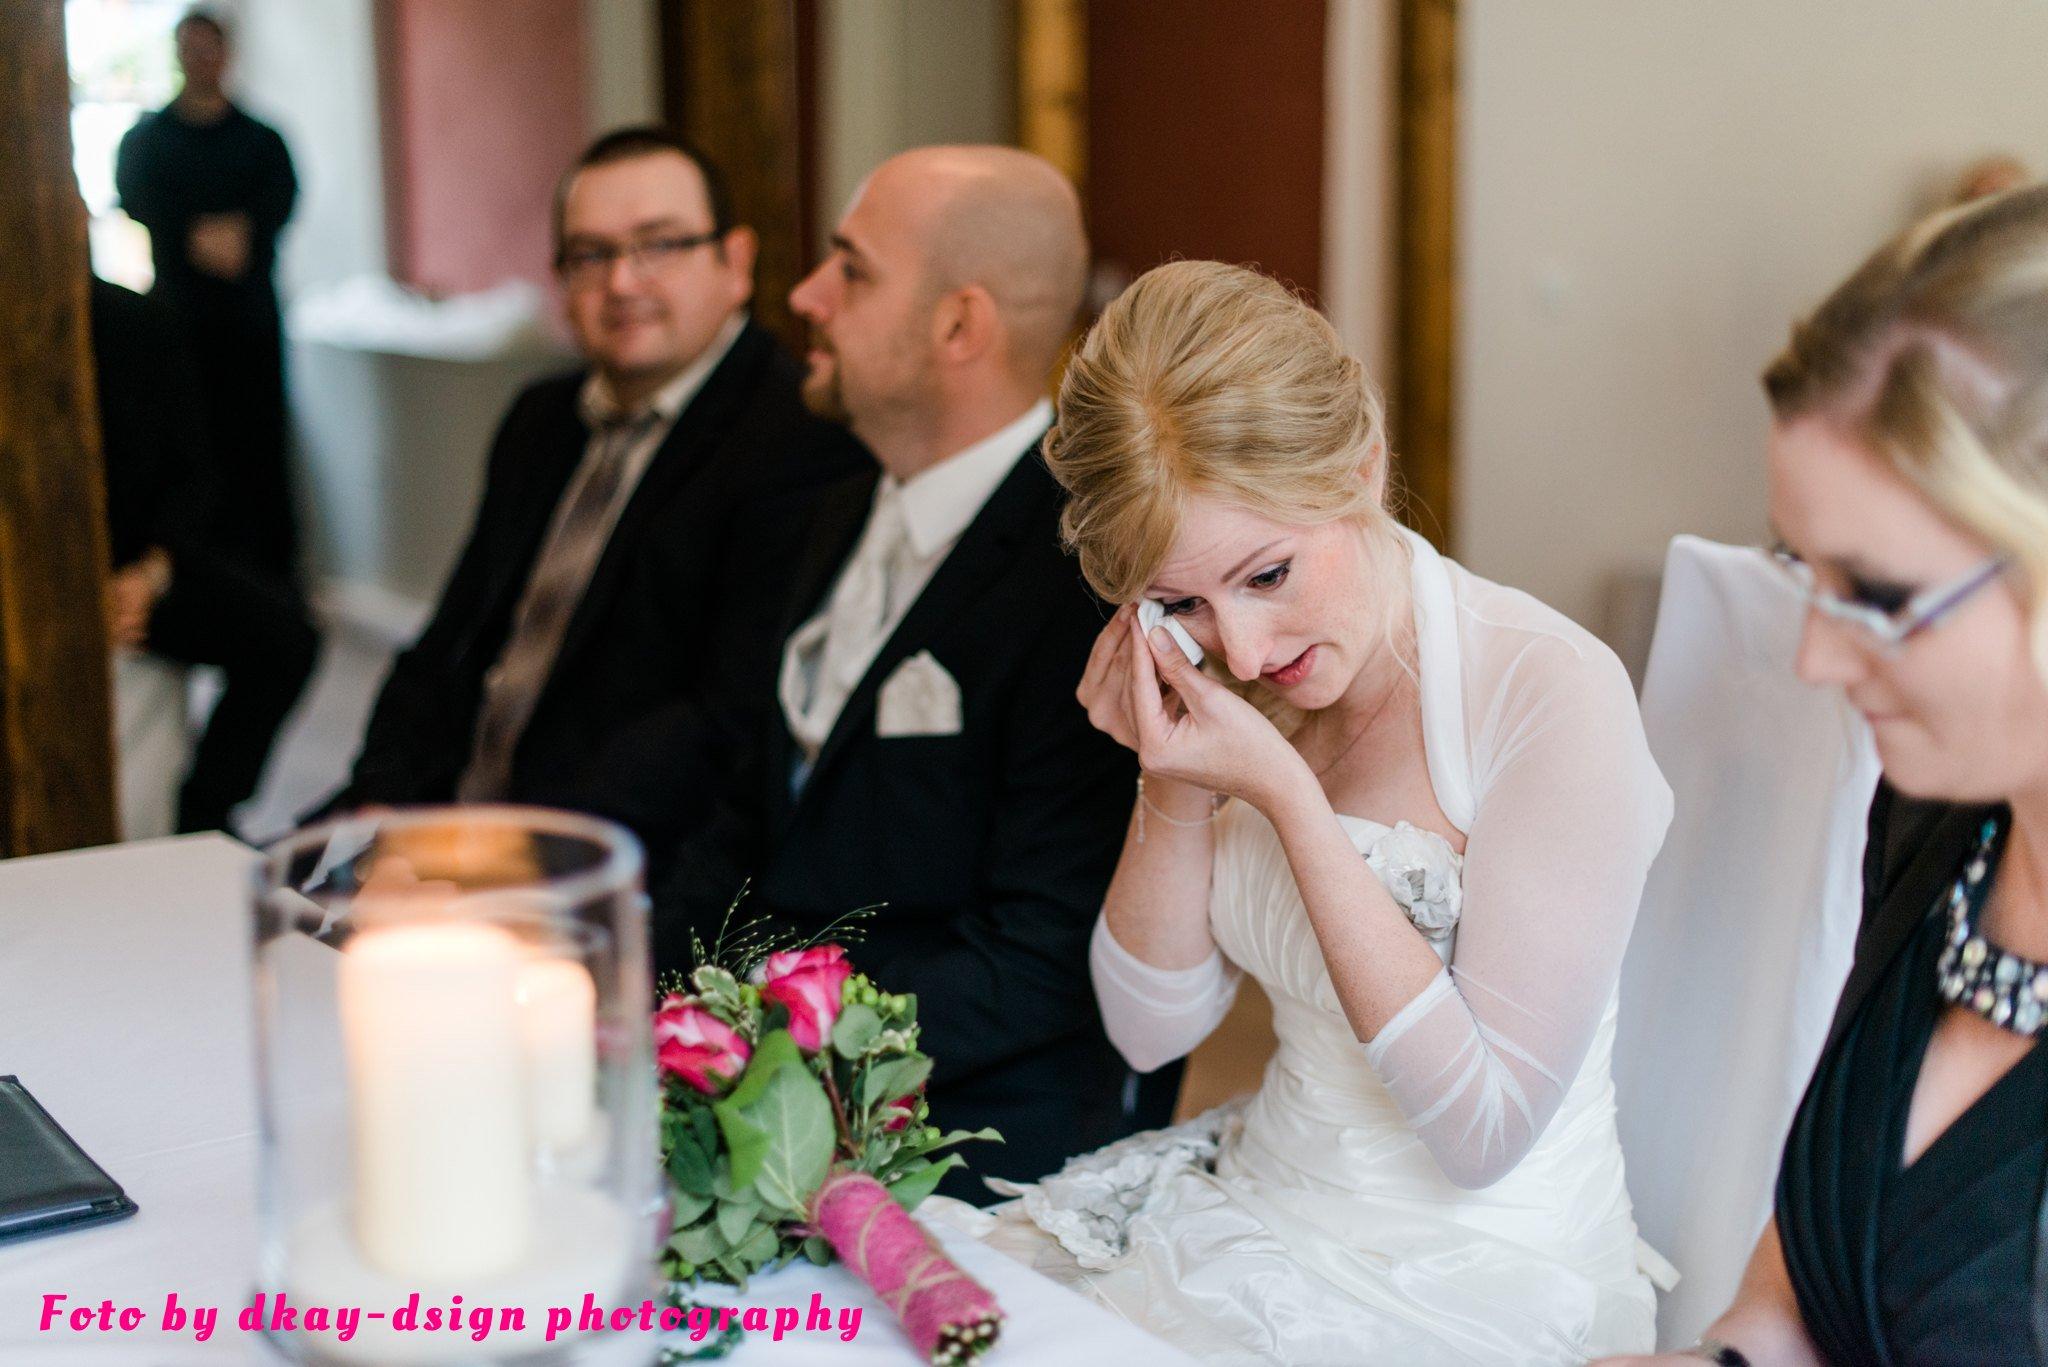 Trauung U Hochzeitsfeier In Mittelbrunn Die Hochzeitssangerin Im